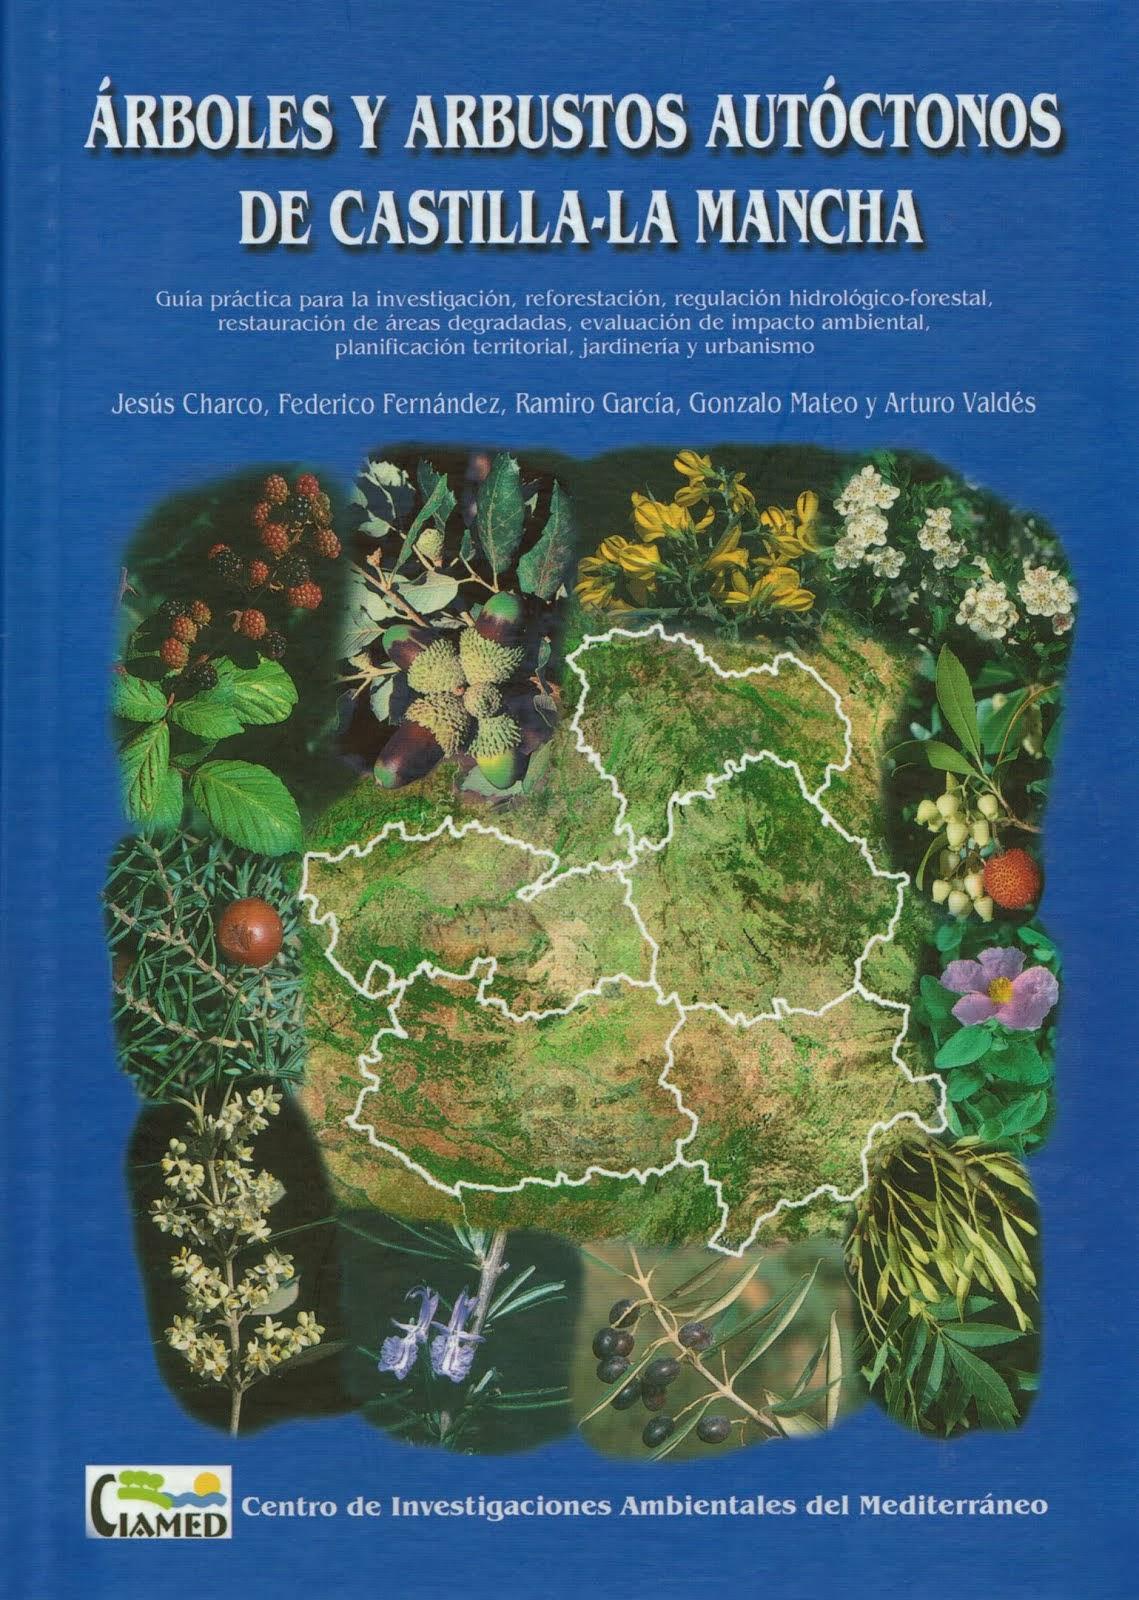 Arboles y arbustos autóctonos de Castilla-La Mancha